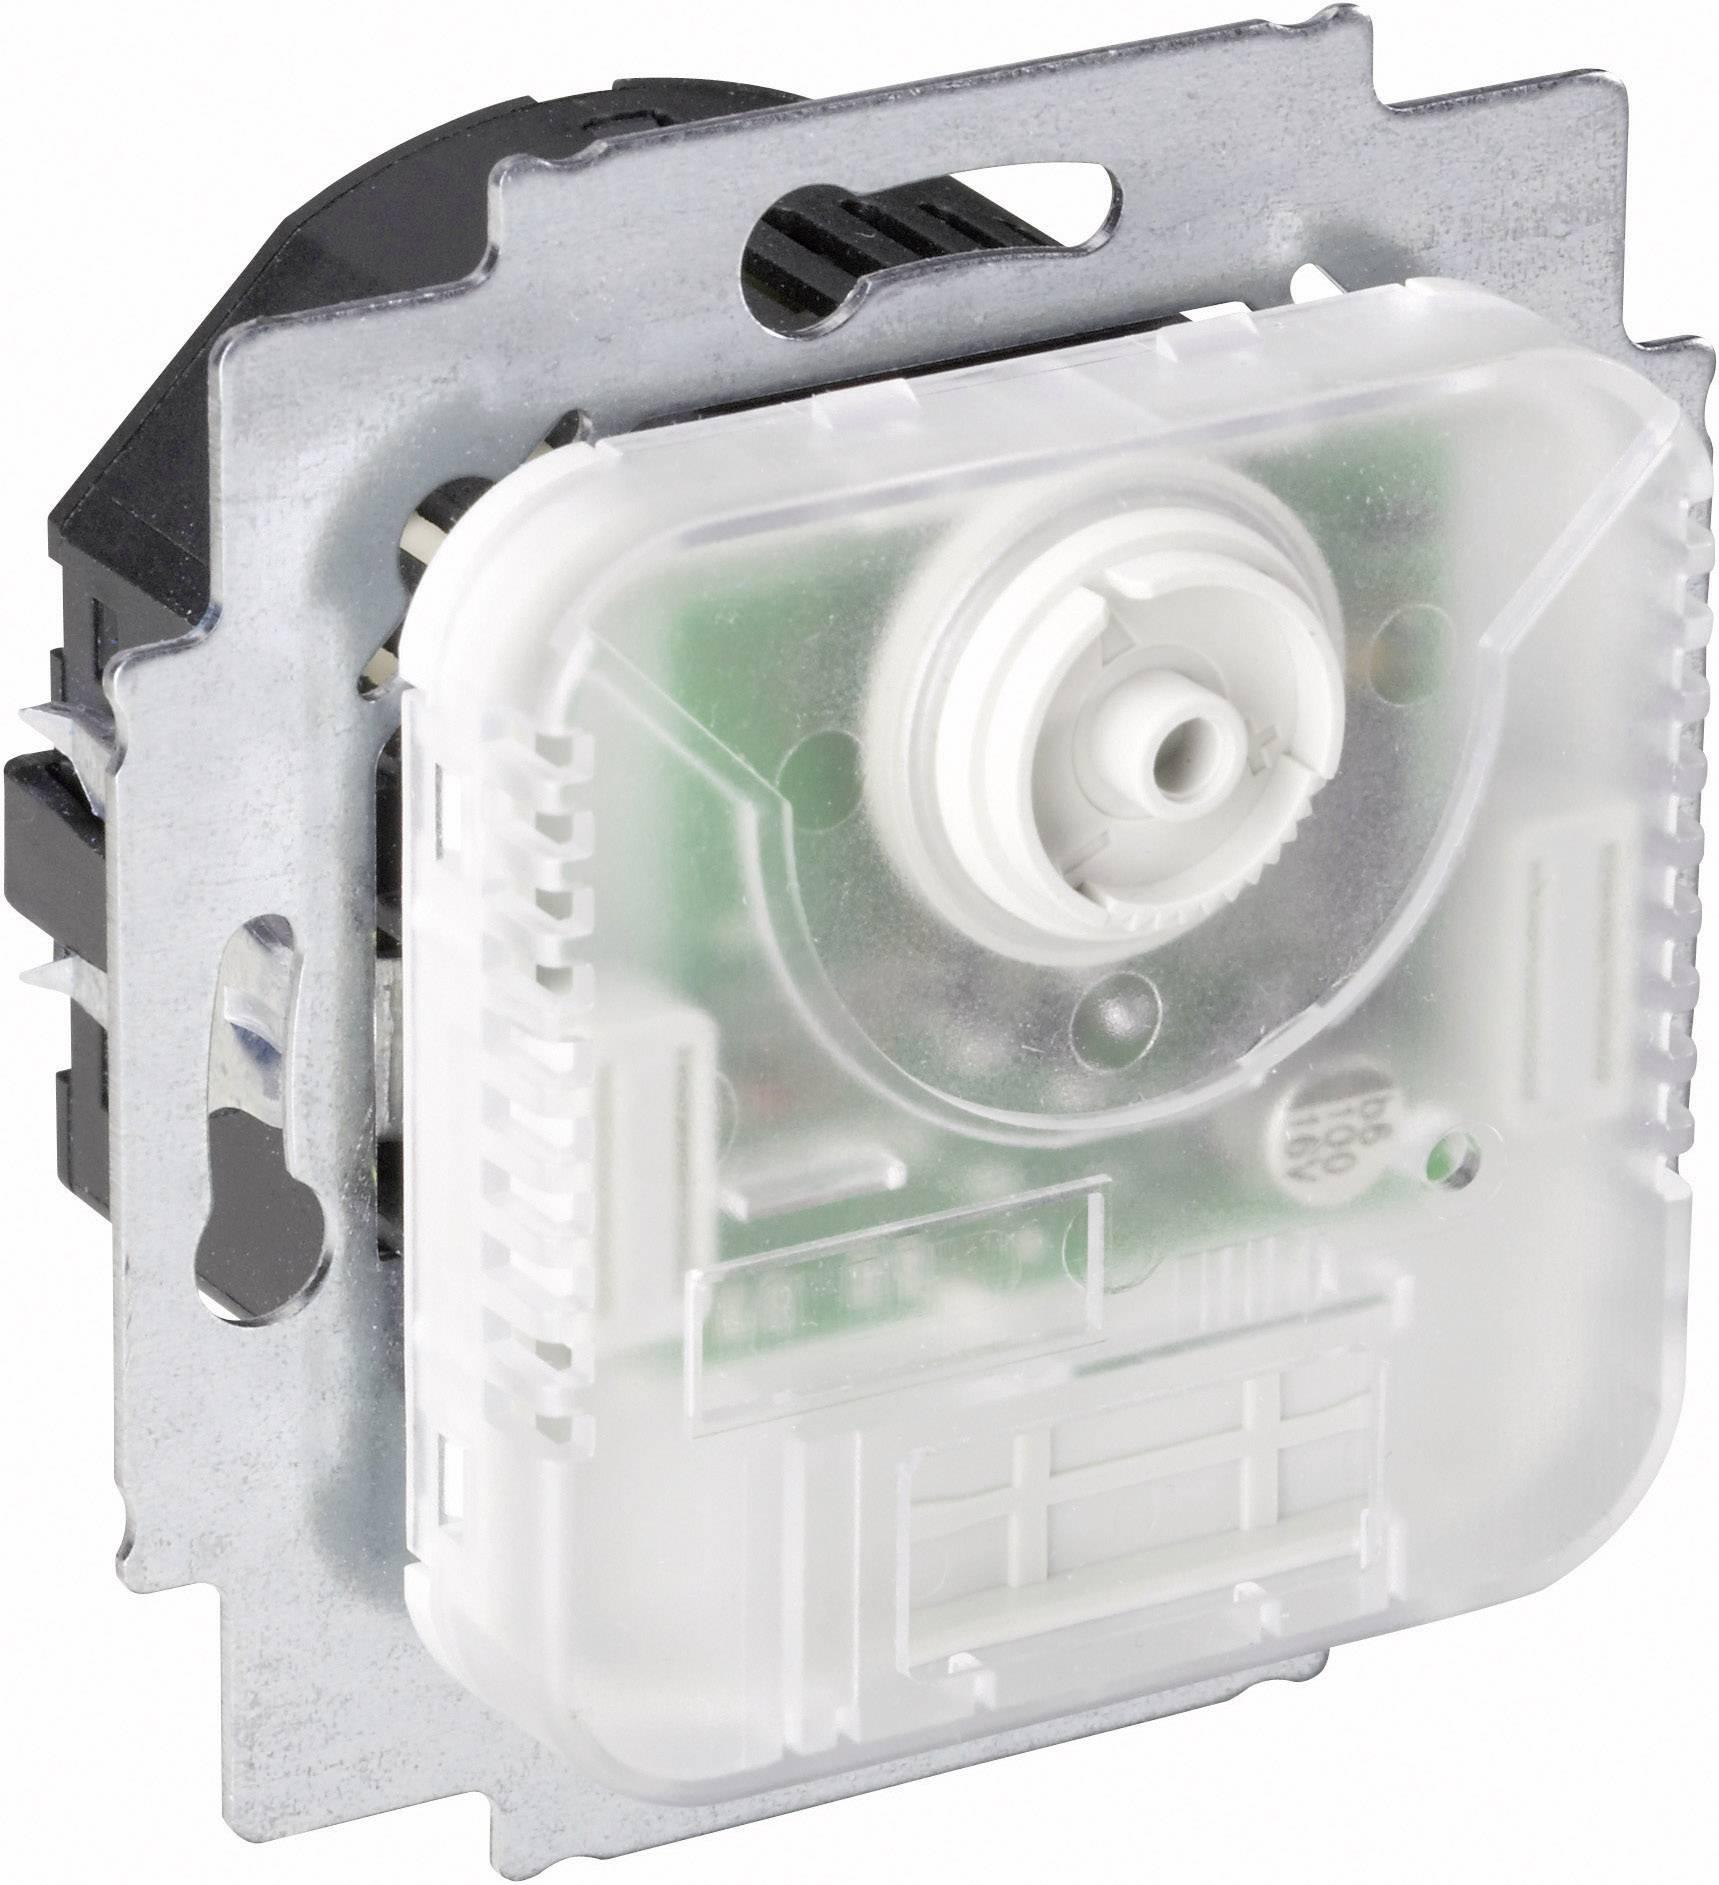 Busch Jaeger Thermostat Abdeckung Duro2000 Cremeweiß 1794-212